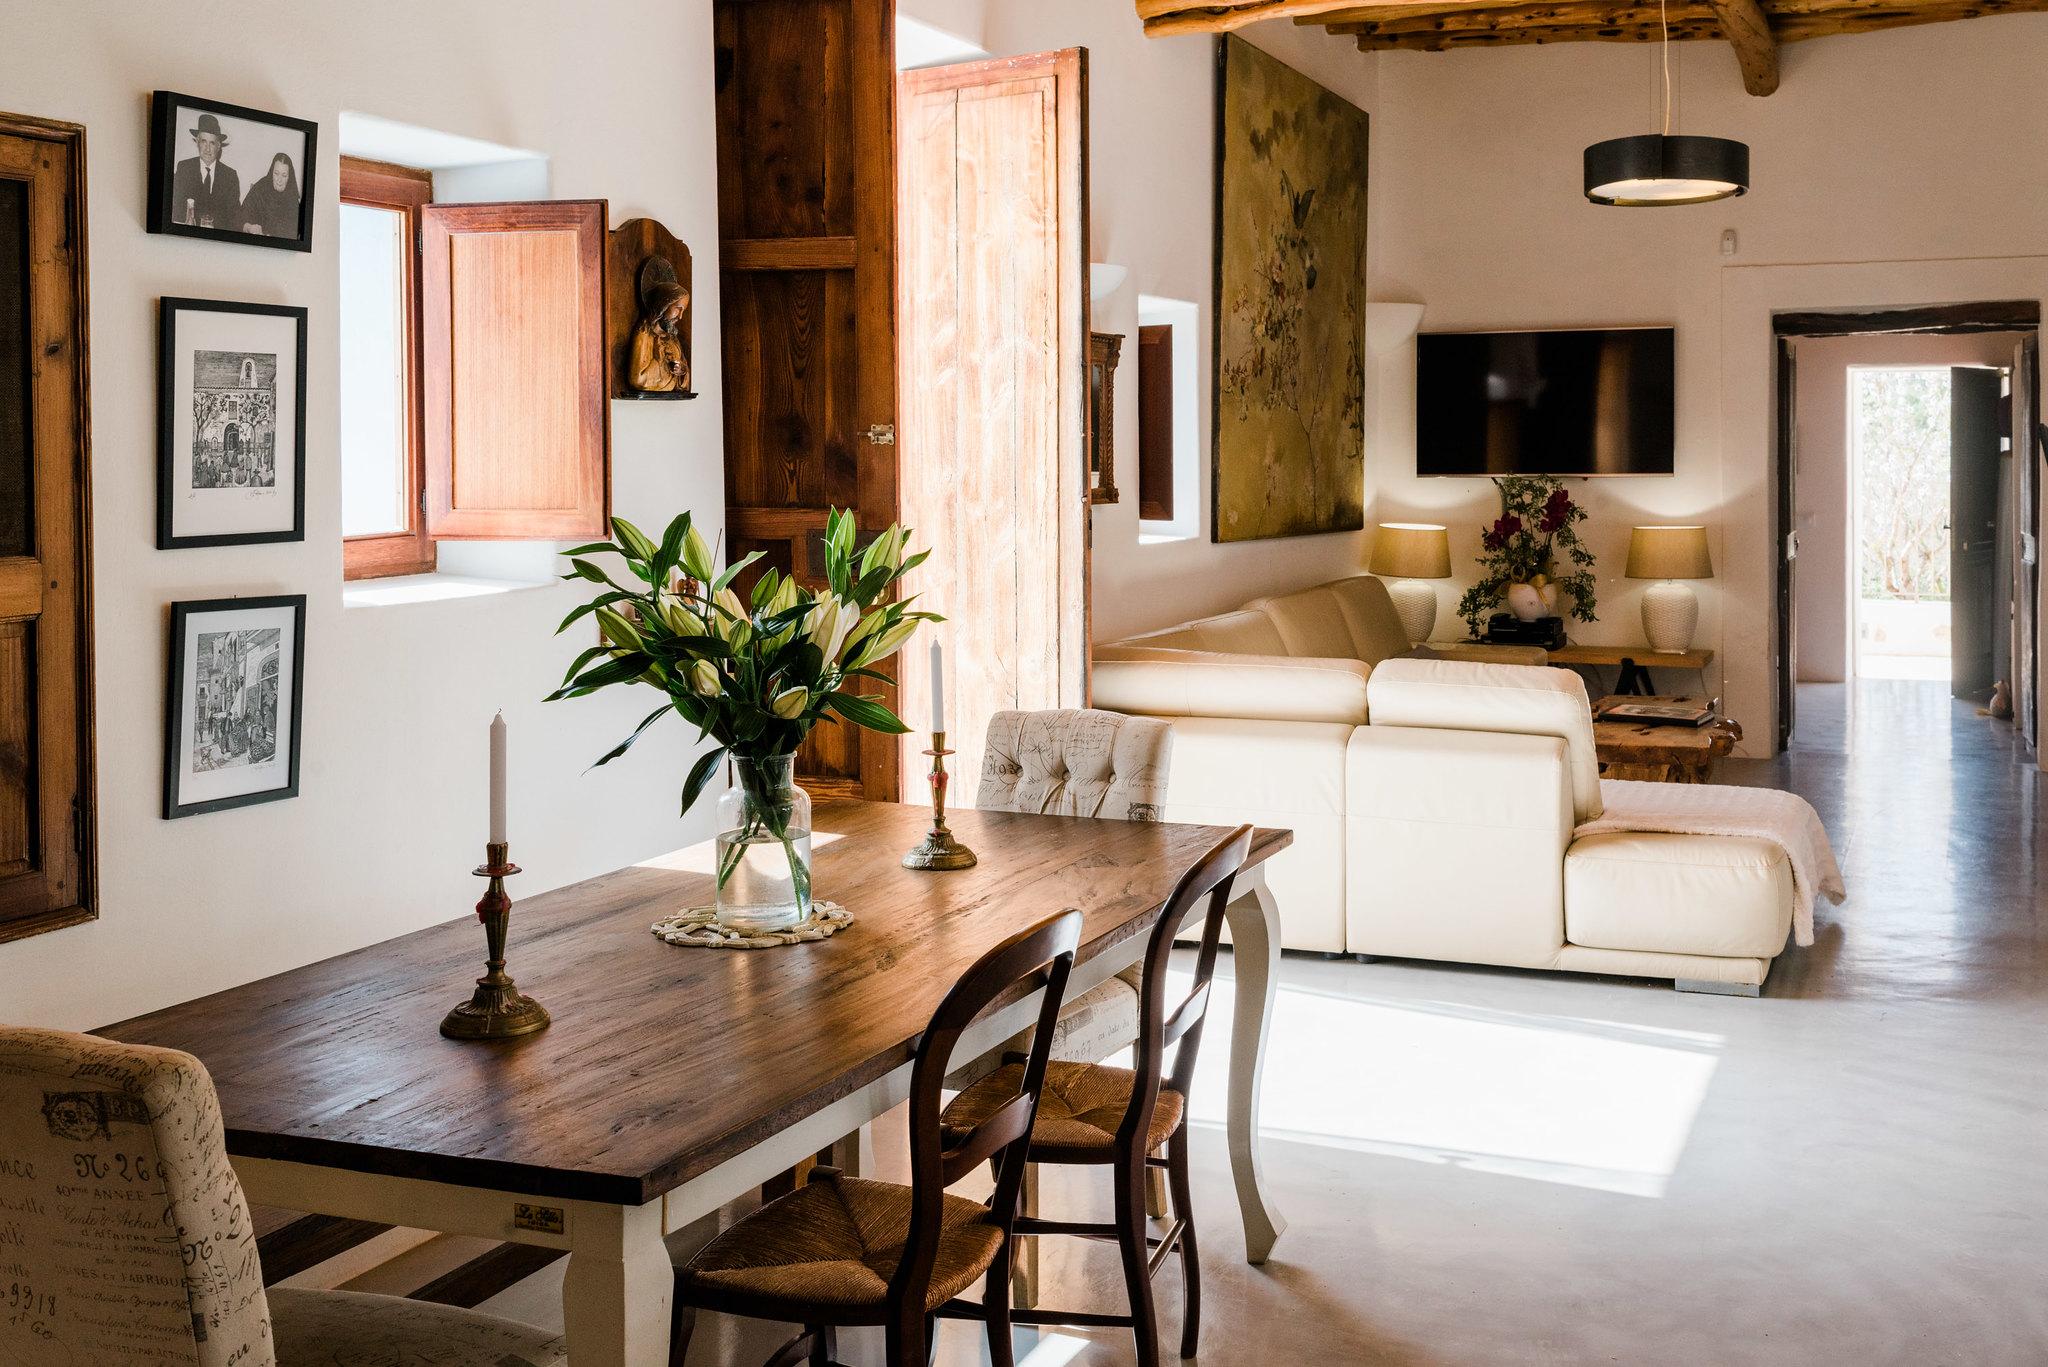 https://www.white-ibiza.com/wp-content/uploads/2020/06/white-ibiza-villas-los-corrales-interior-entrance.jpg